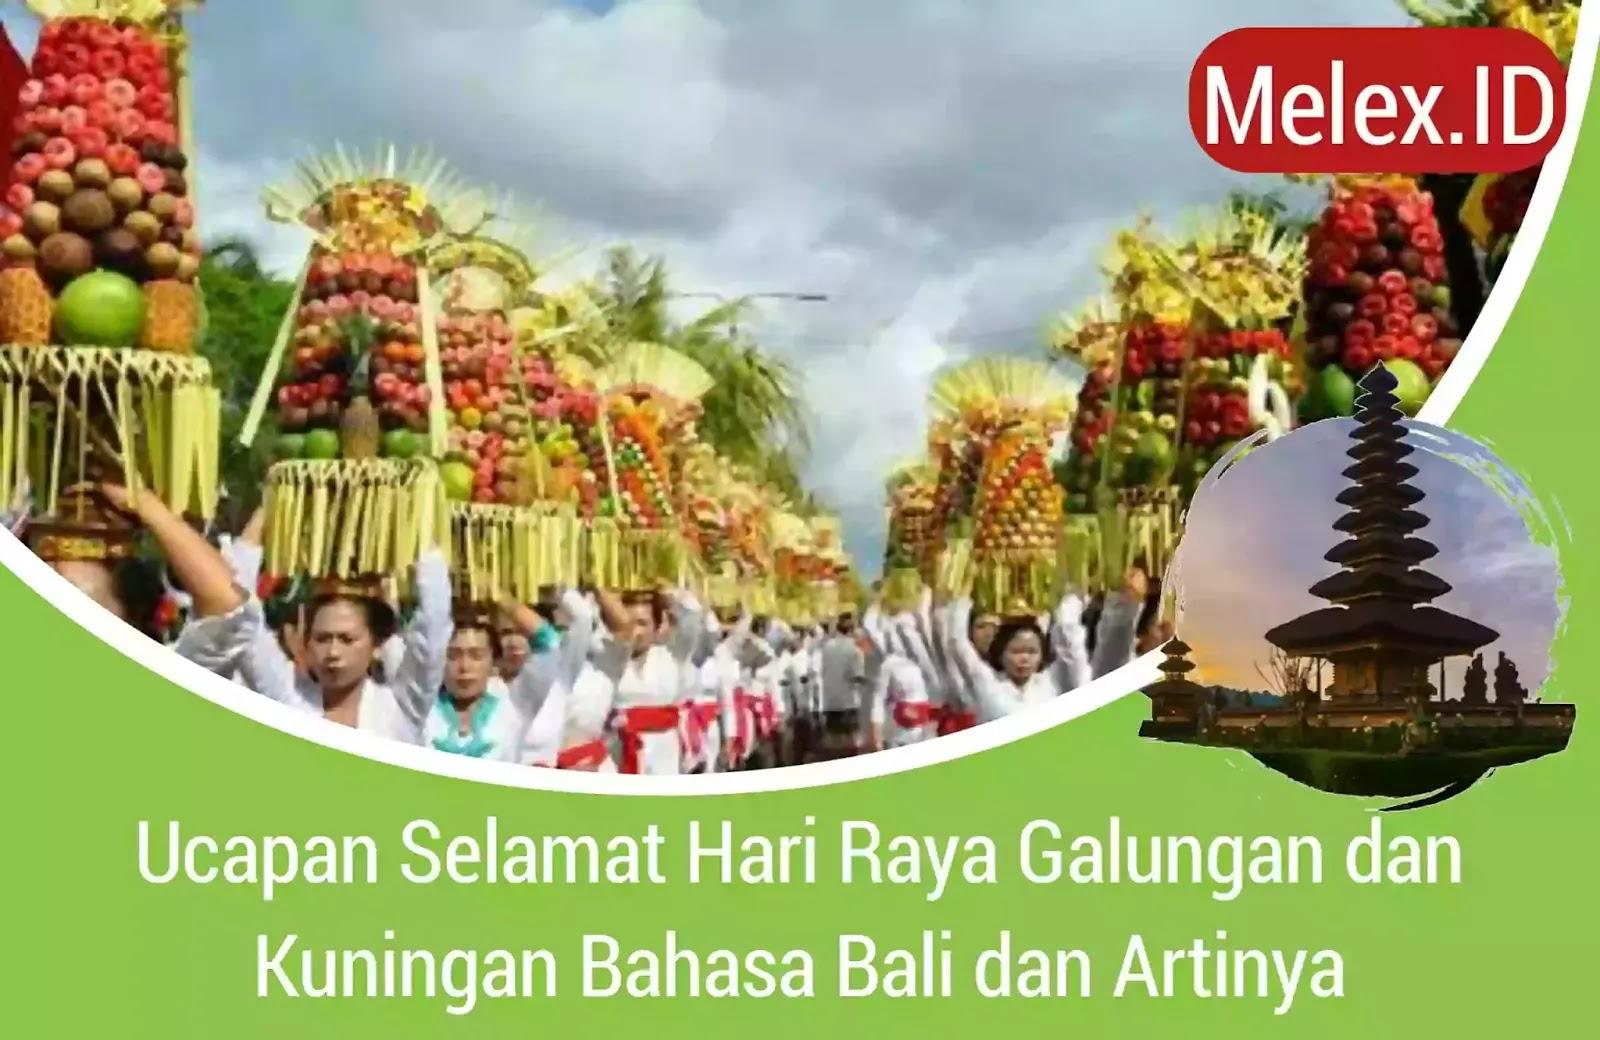 Ucapan Selamat Hari Raya Galungan Dan Kuningan Bahasa Bali 2021 Melex Id